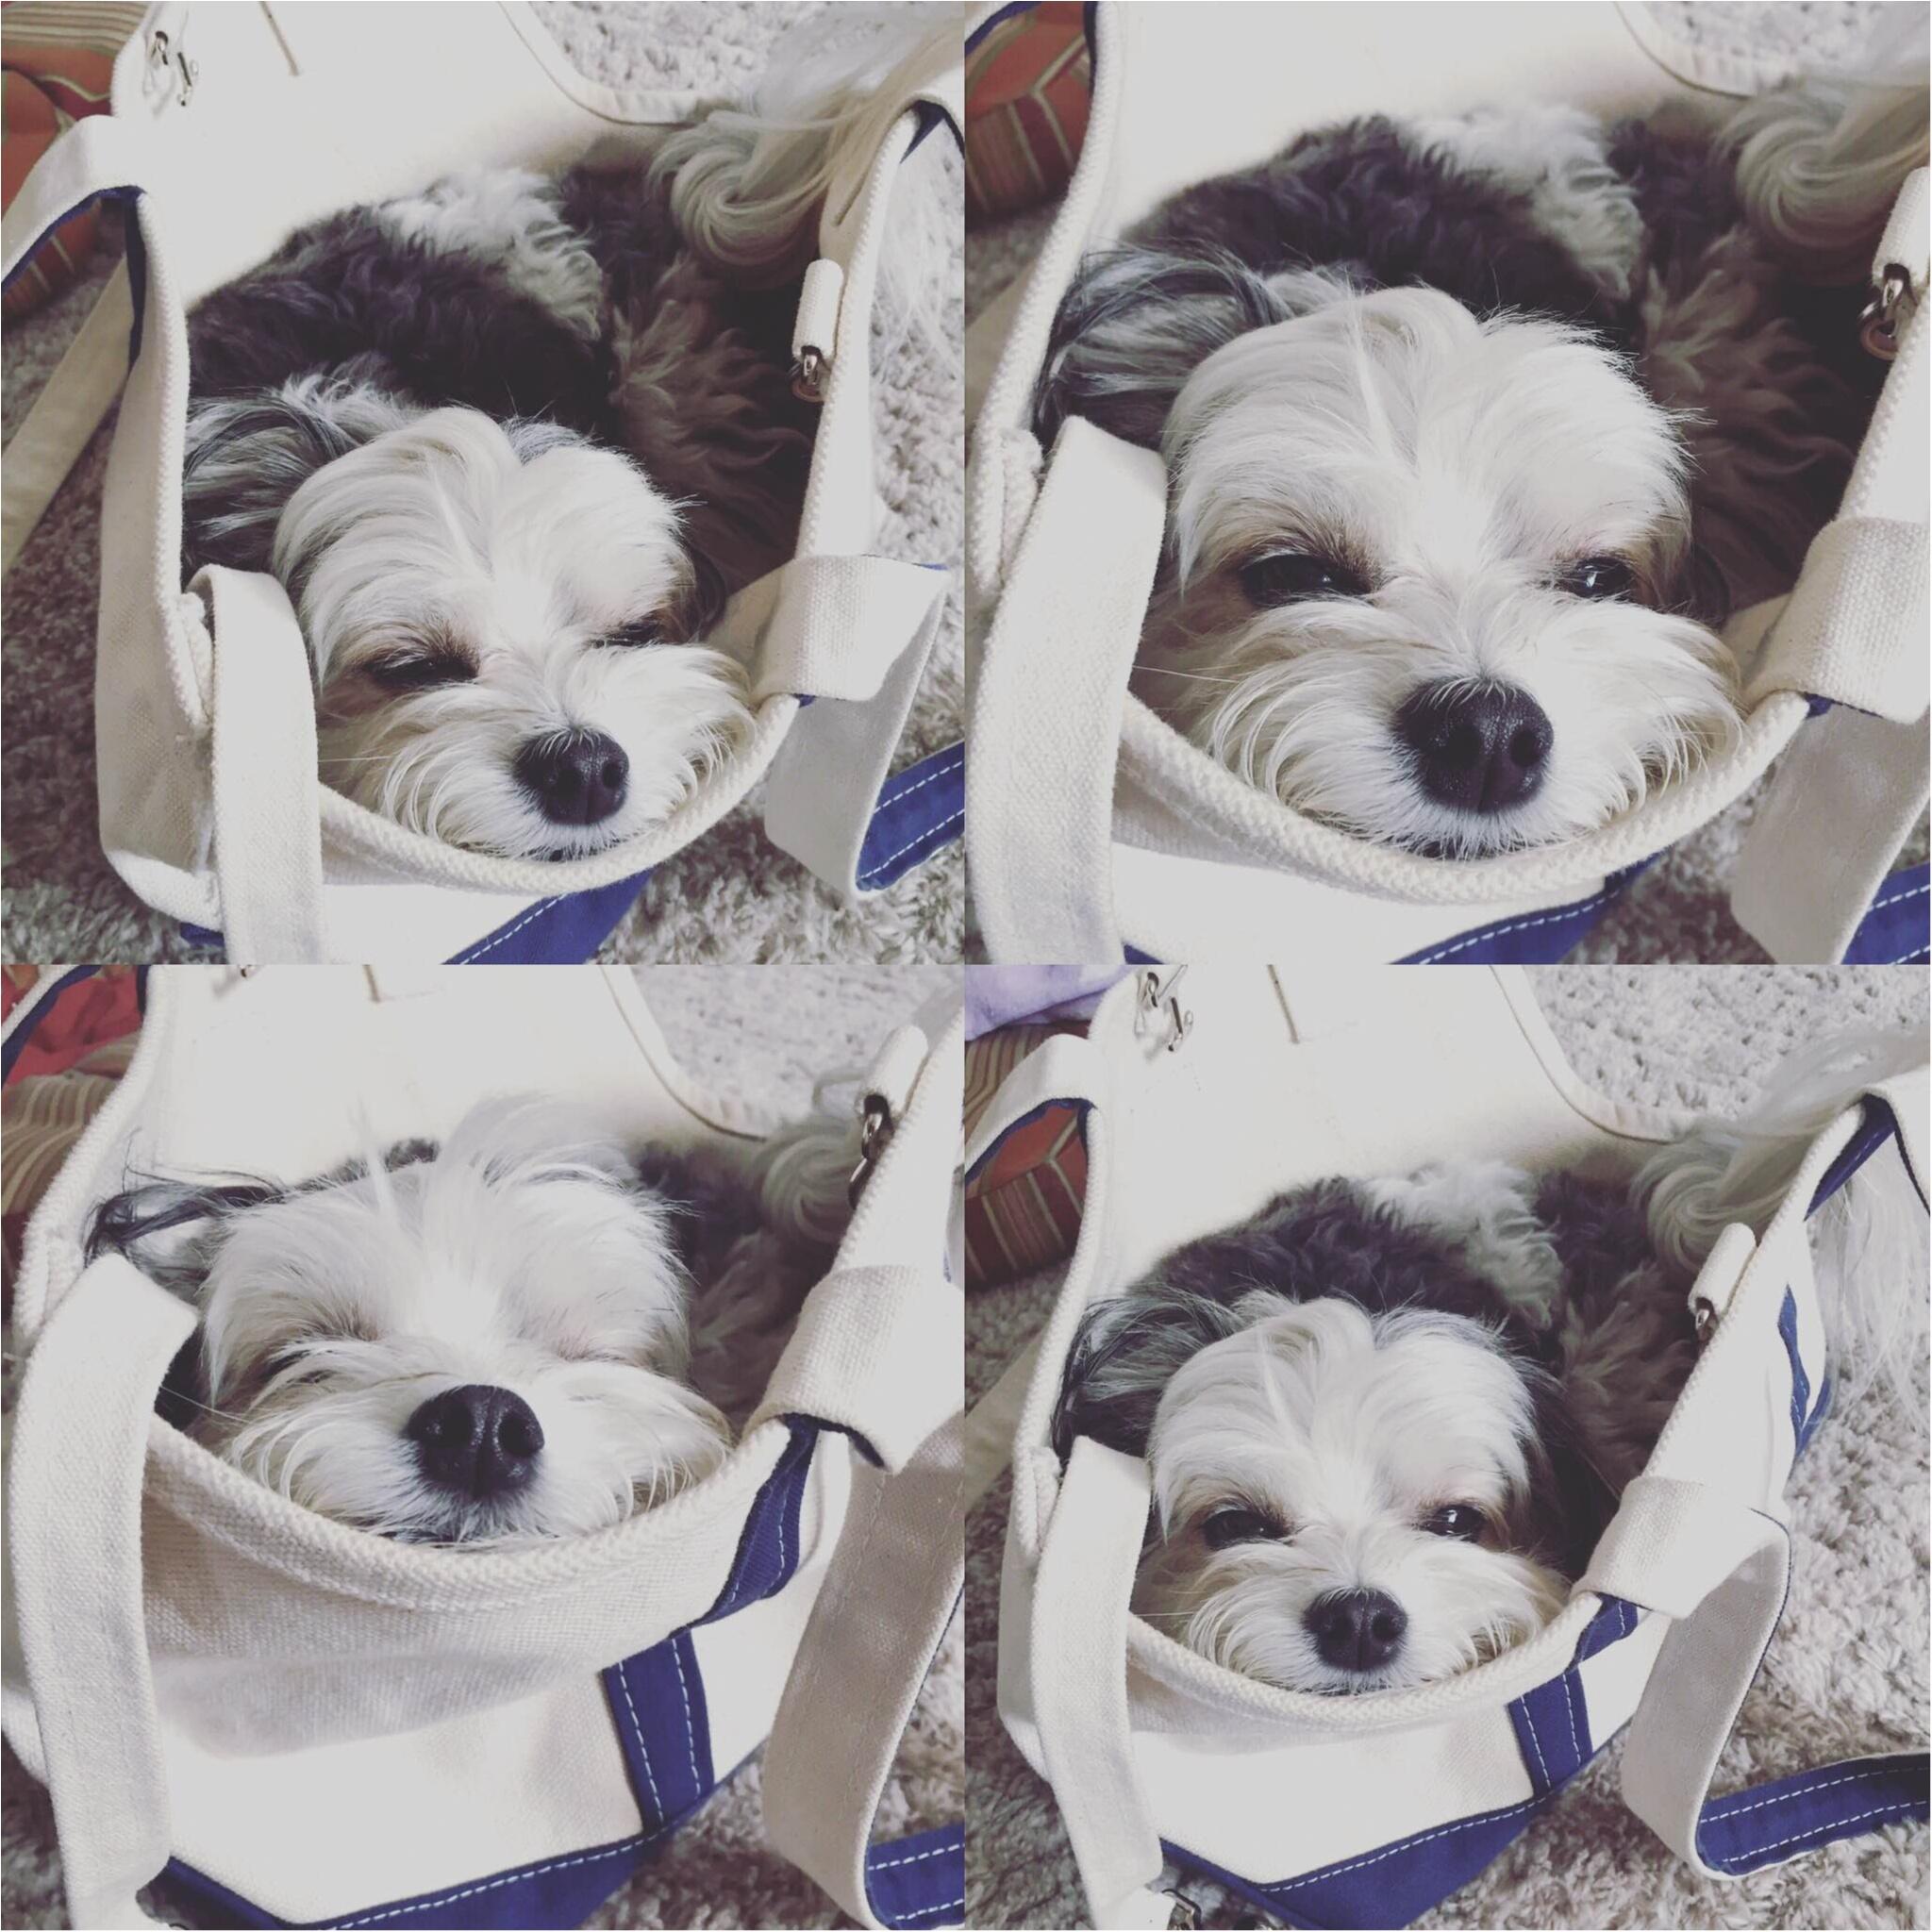 【今日のわんこ】目が開かないー! 太郎くんが「入ると必ず寝てしまう」ものとは?_1